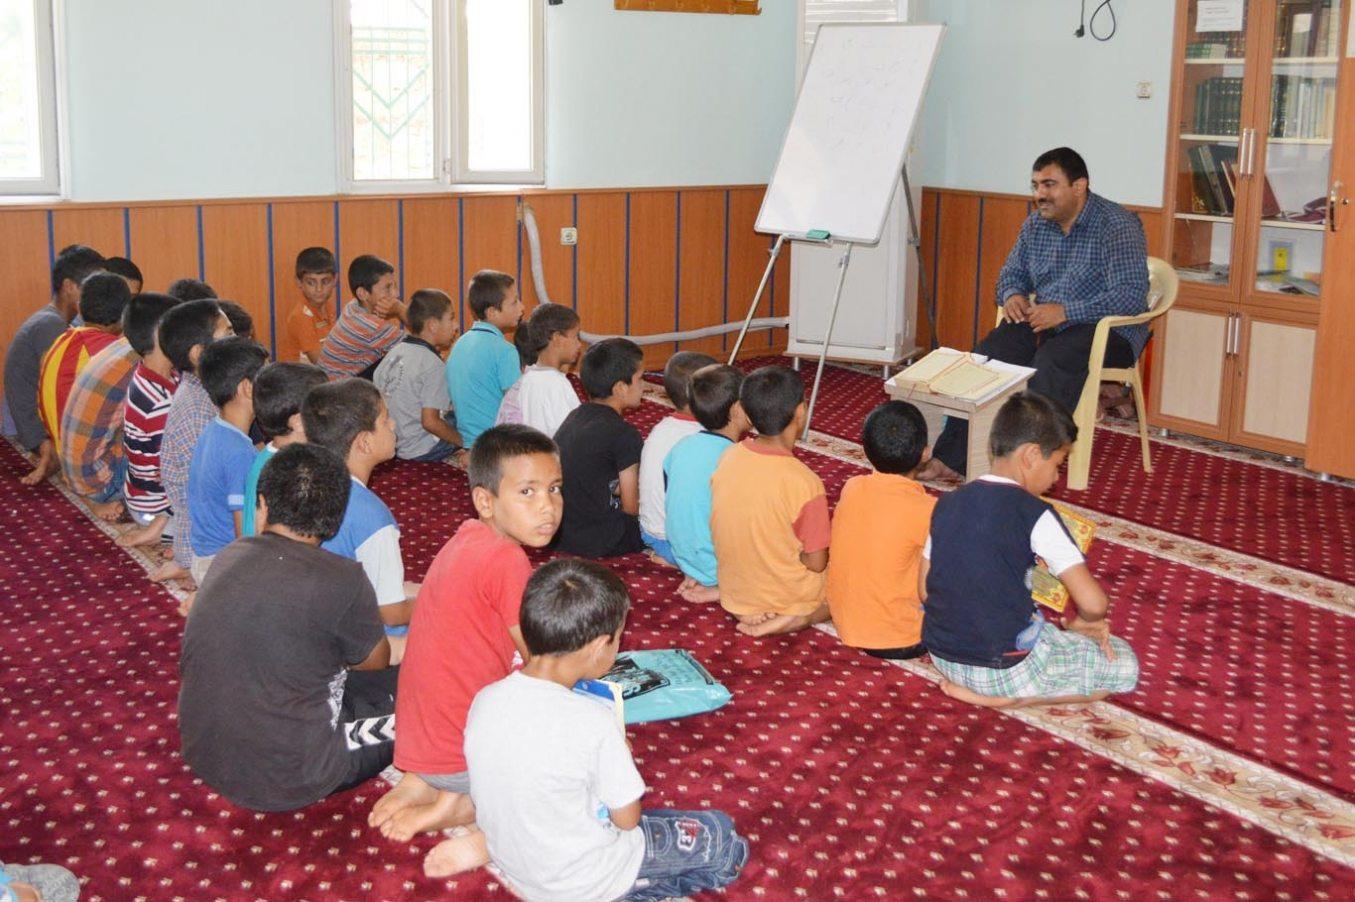 Her yolu deniyorlar: Camiye gelip en fazla puan toplayan gençlere 20 bin TL'lik ödül dağıtılacak